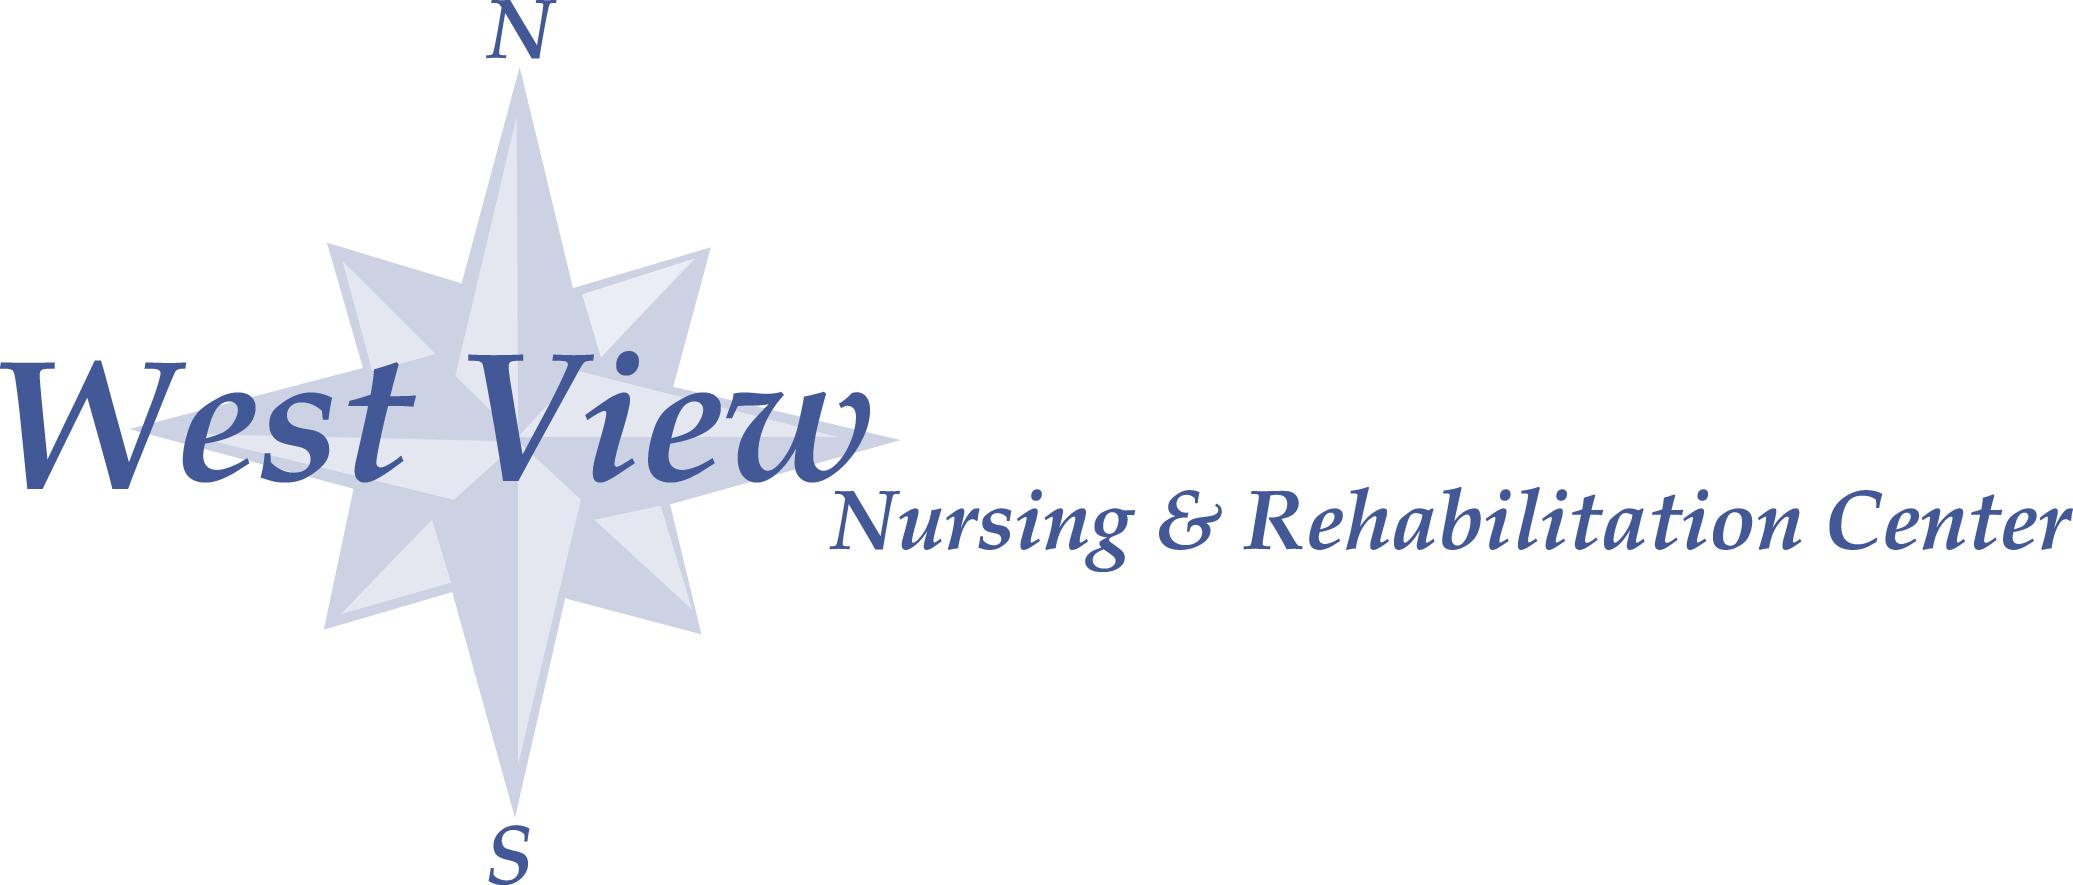 LogoV5Nursing_RehabCenter_FINALCHOSEN.jpg